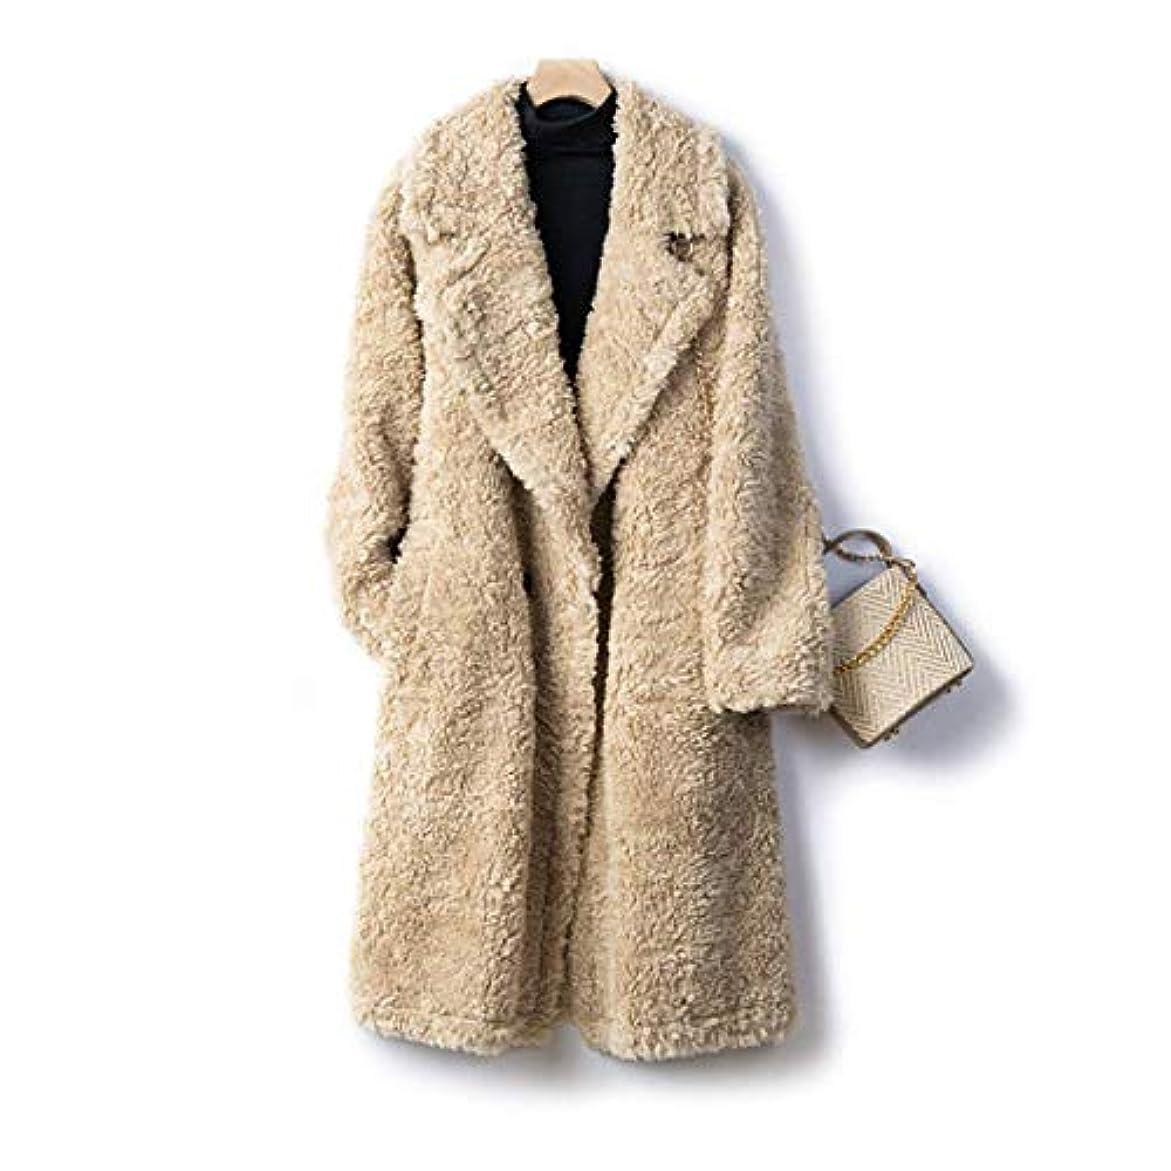 勝つ難破船デッドロック厚いウールのコート、女性のコートレディースウインドブレーカージャケット厚い羊のせん断顆粒ロングコートの女性のウールコート19秋と冬の婦人服,A,M